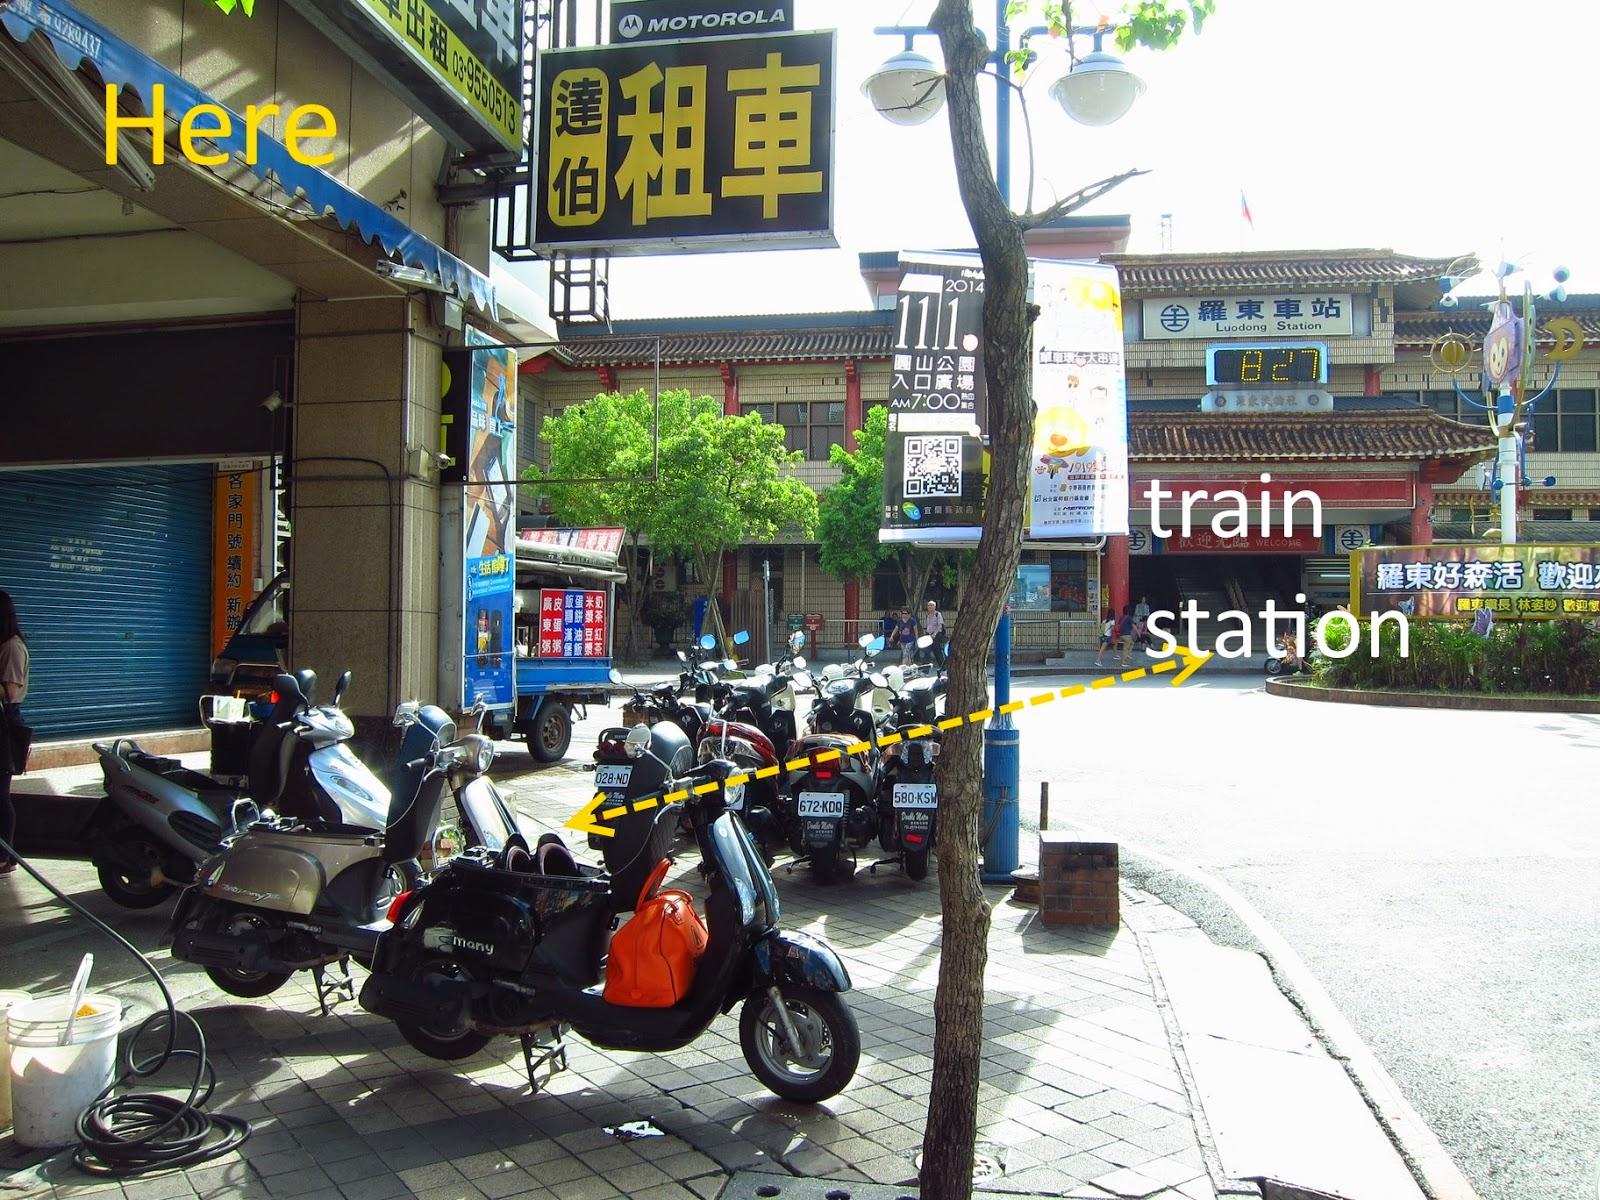 [心得] 宜蘭羅東-達伯聯合租車 / 租機車 My experience for renting scooter at Luodong -Double Moto @ Taiwan - hi Formosa